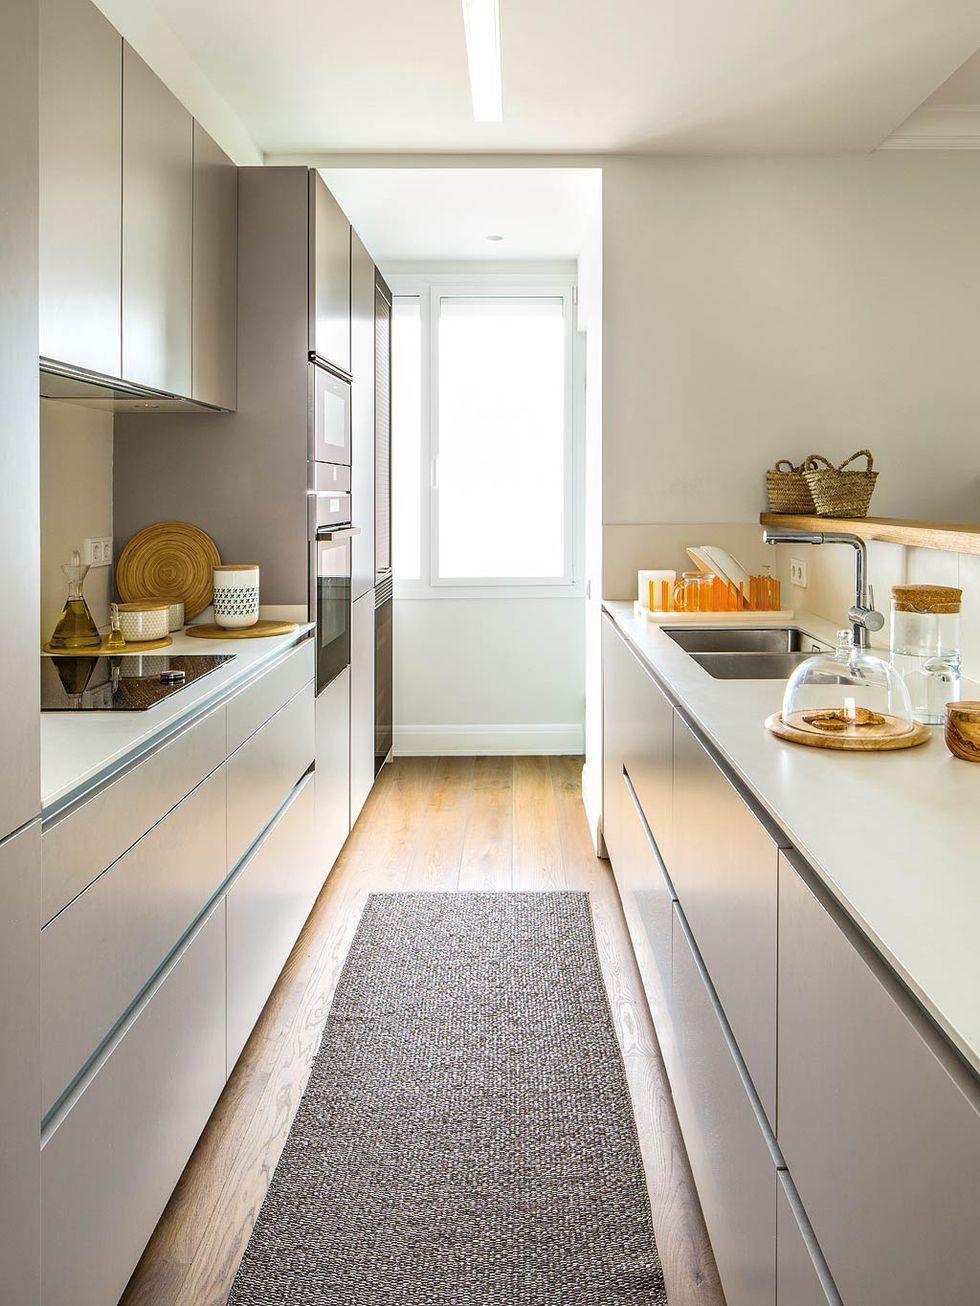 Photo of Un appartement moderne et fonctionnel par Meritxell Ribé – PLANETE DECO a homes world